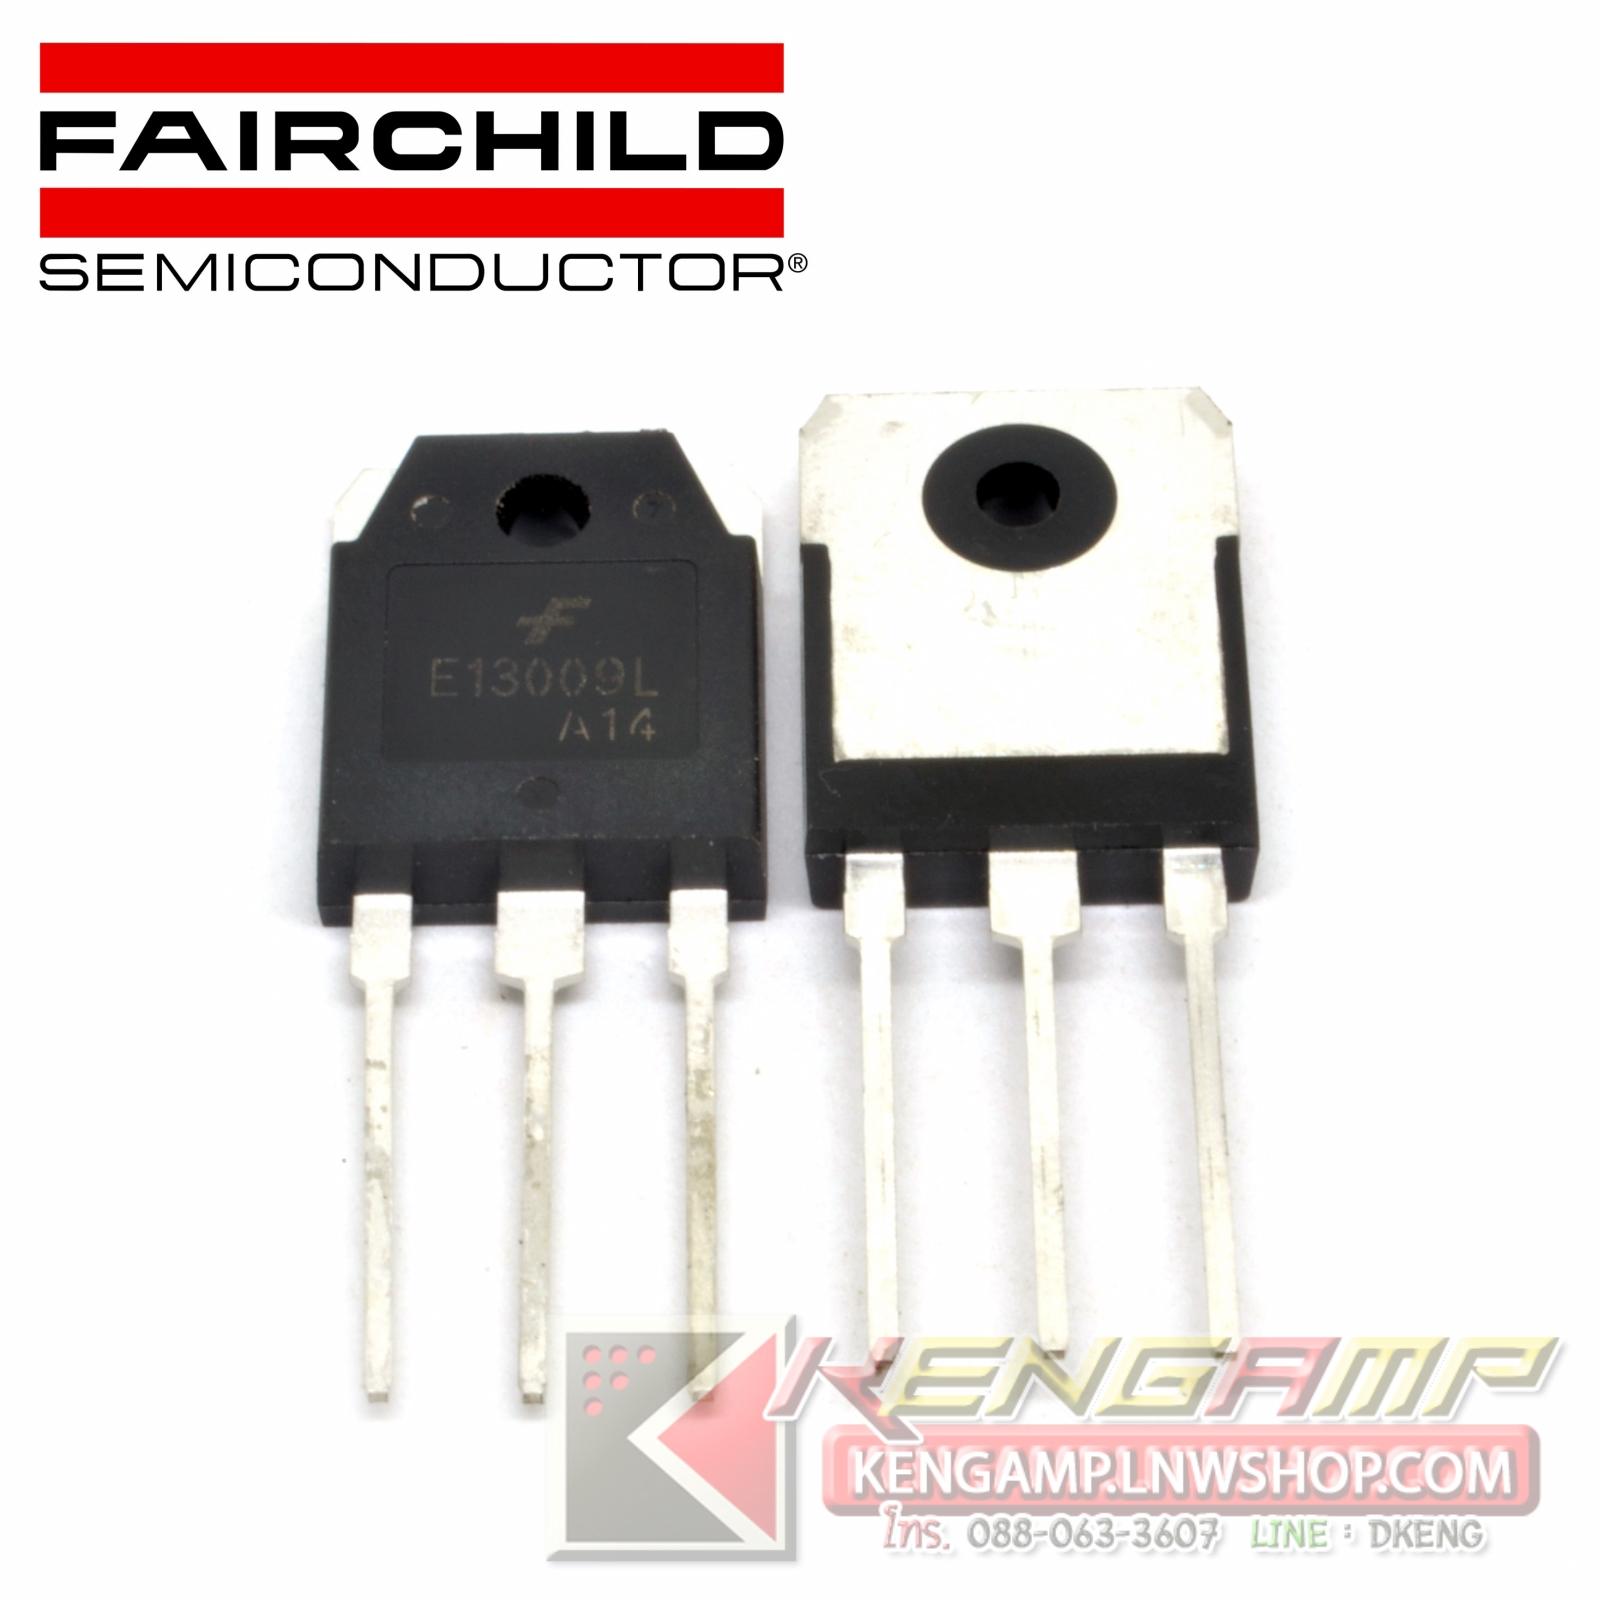 KSE13009L Fairchild